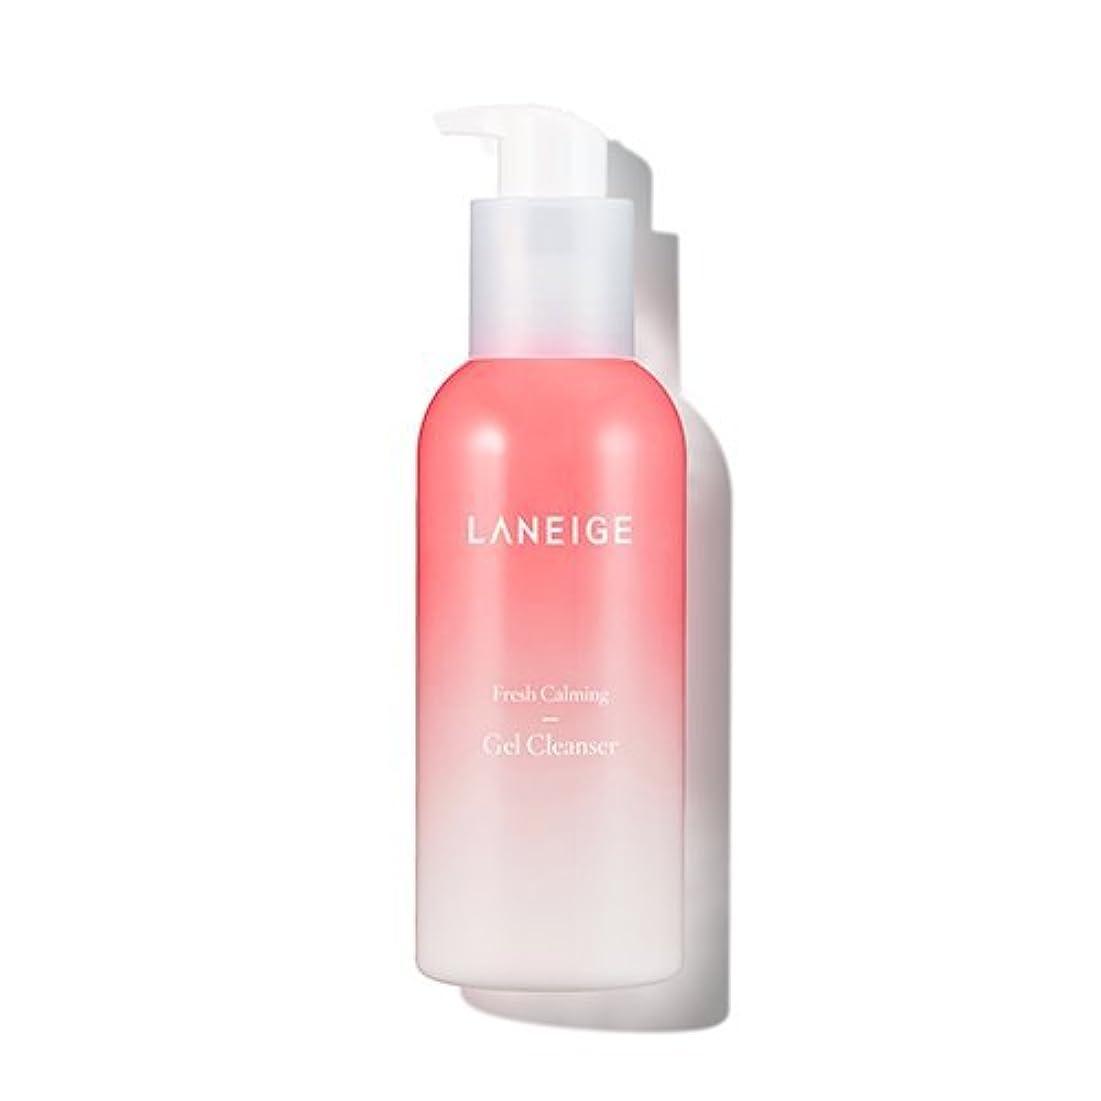 自伝返済キャロライン[New] LANEIGE Fresh Calming Gel Cleanser 230ml/ラネージュ フレッシュ カーミング ジェル クレンザー 230ml [並行輸入品]